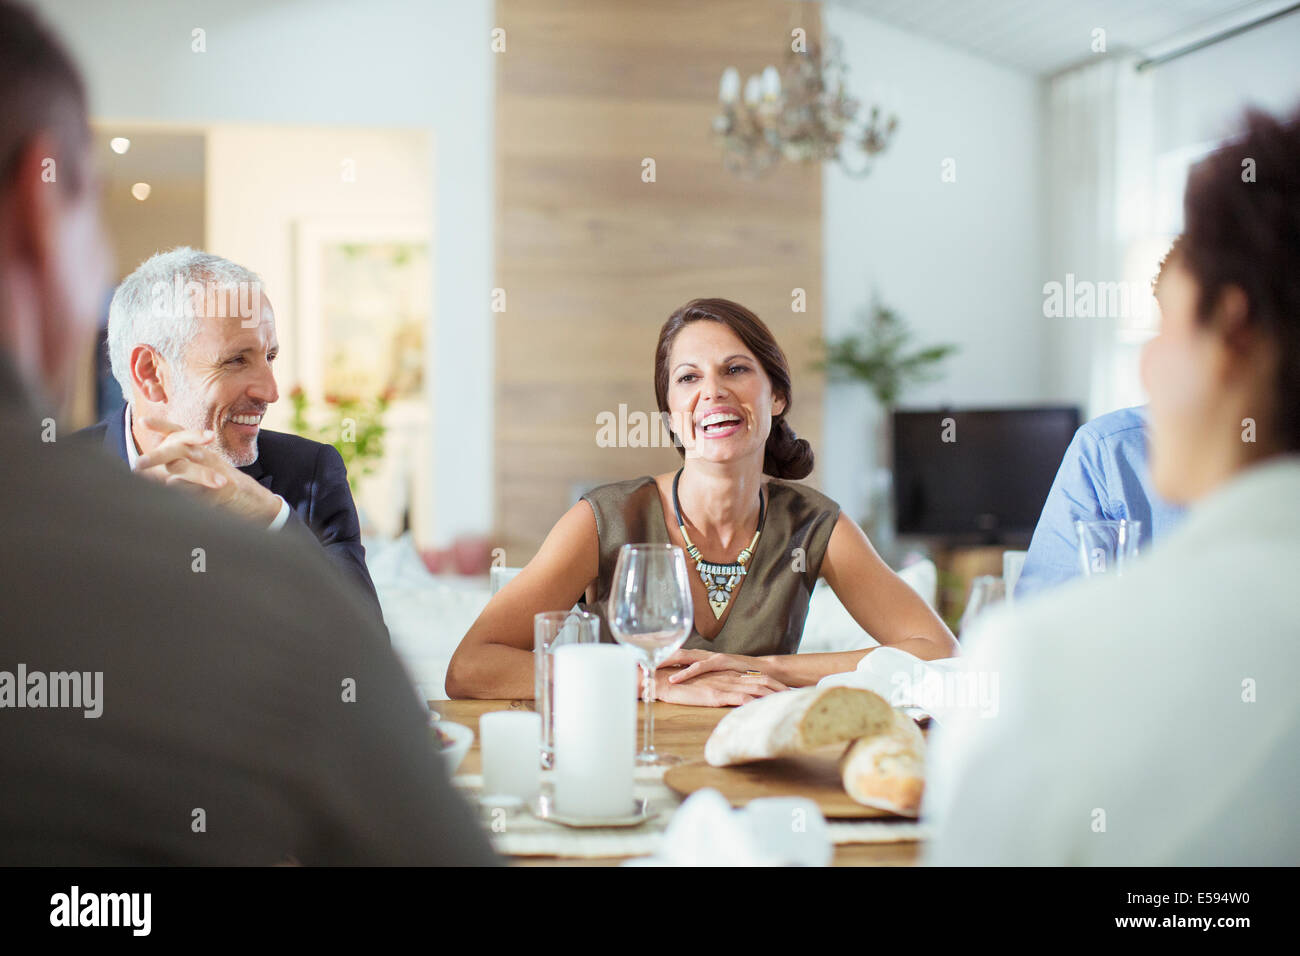 Menschen sprechen in Dinner-party Stockbild